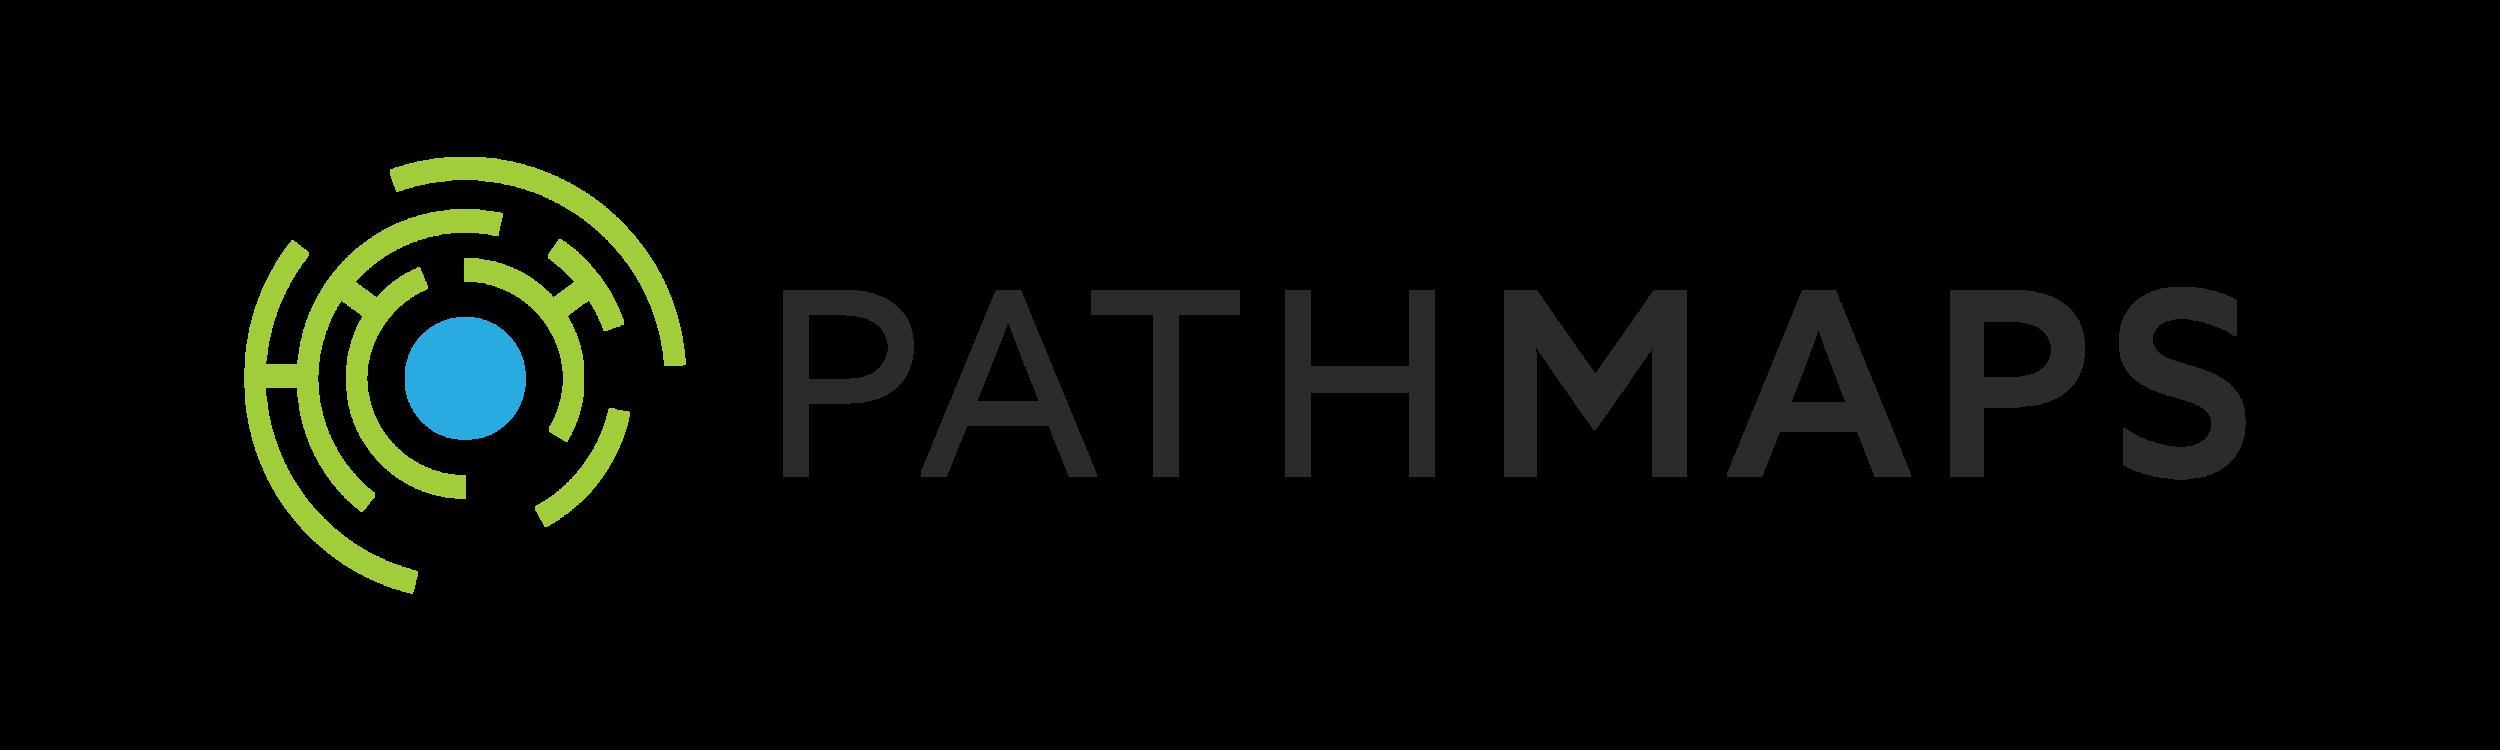 pathmaps.png